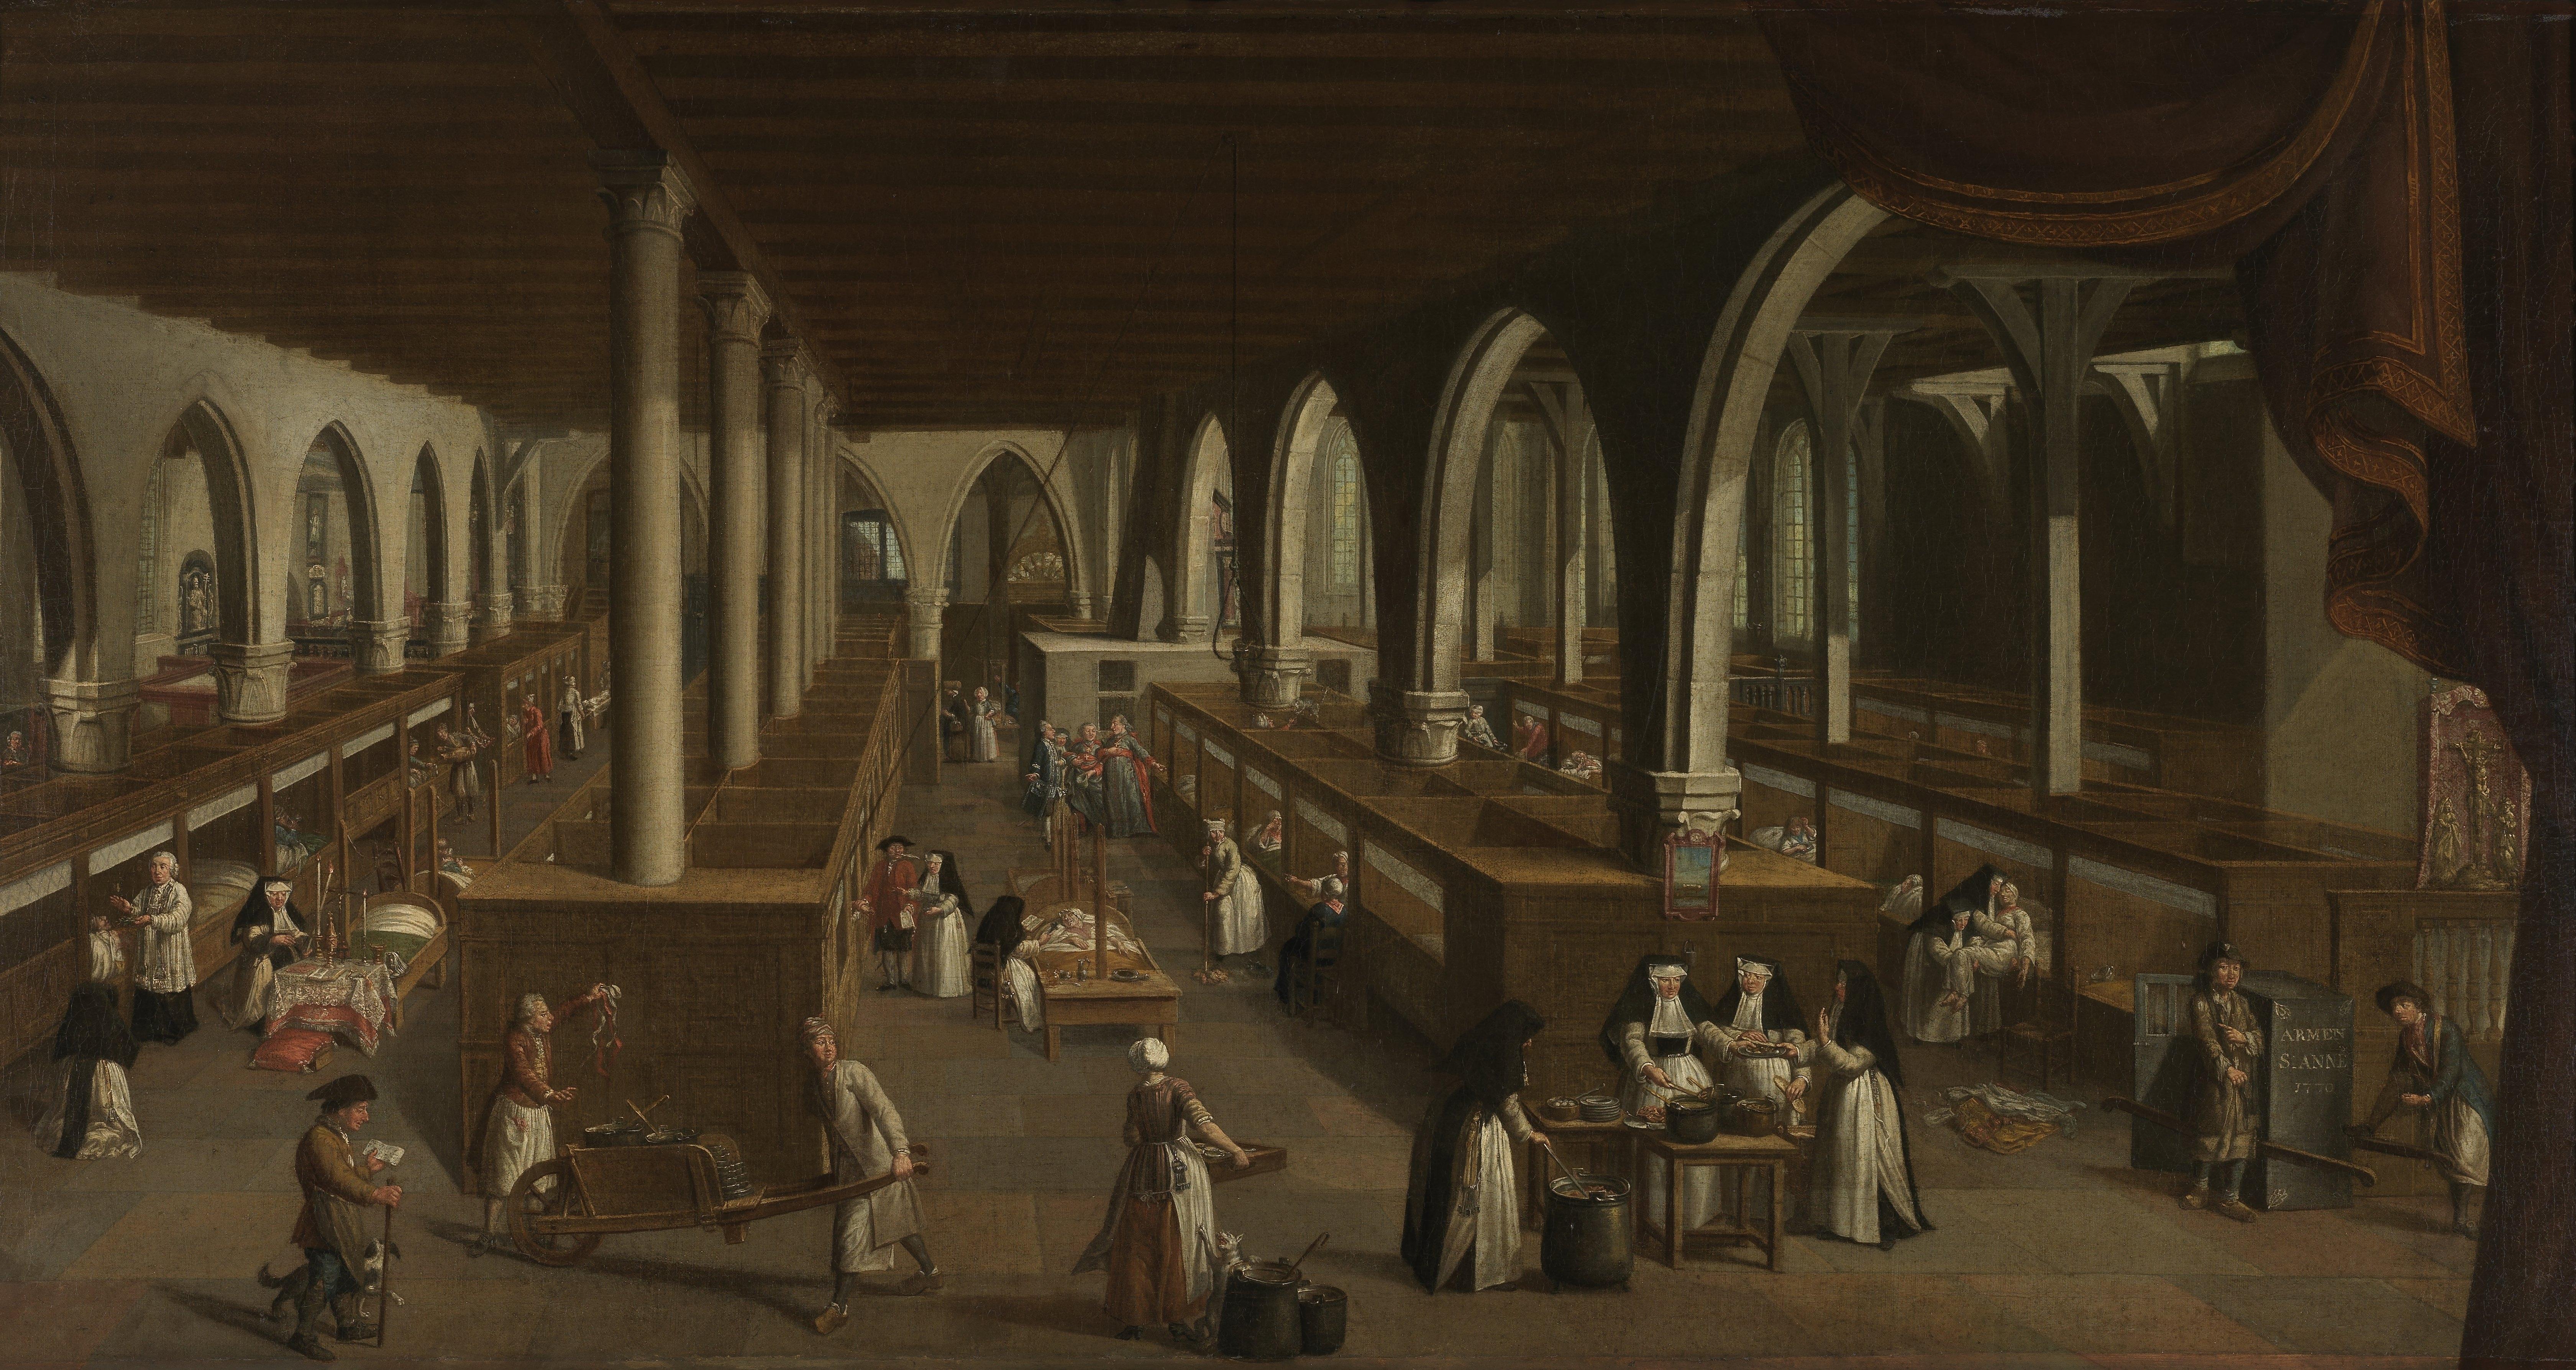 Brugge_-_Sint_Jan_-_Middeleeuwse_ziekenzaal_rond_1778.jpg